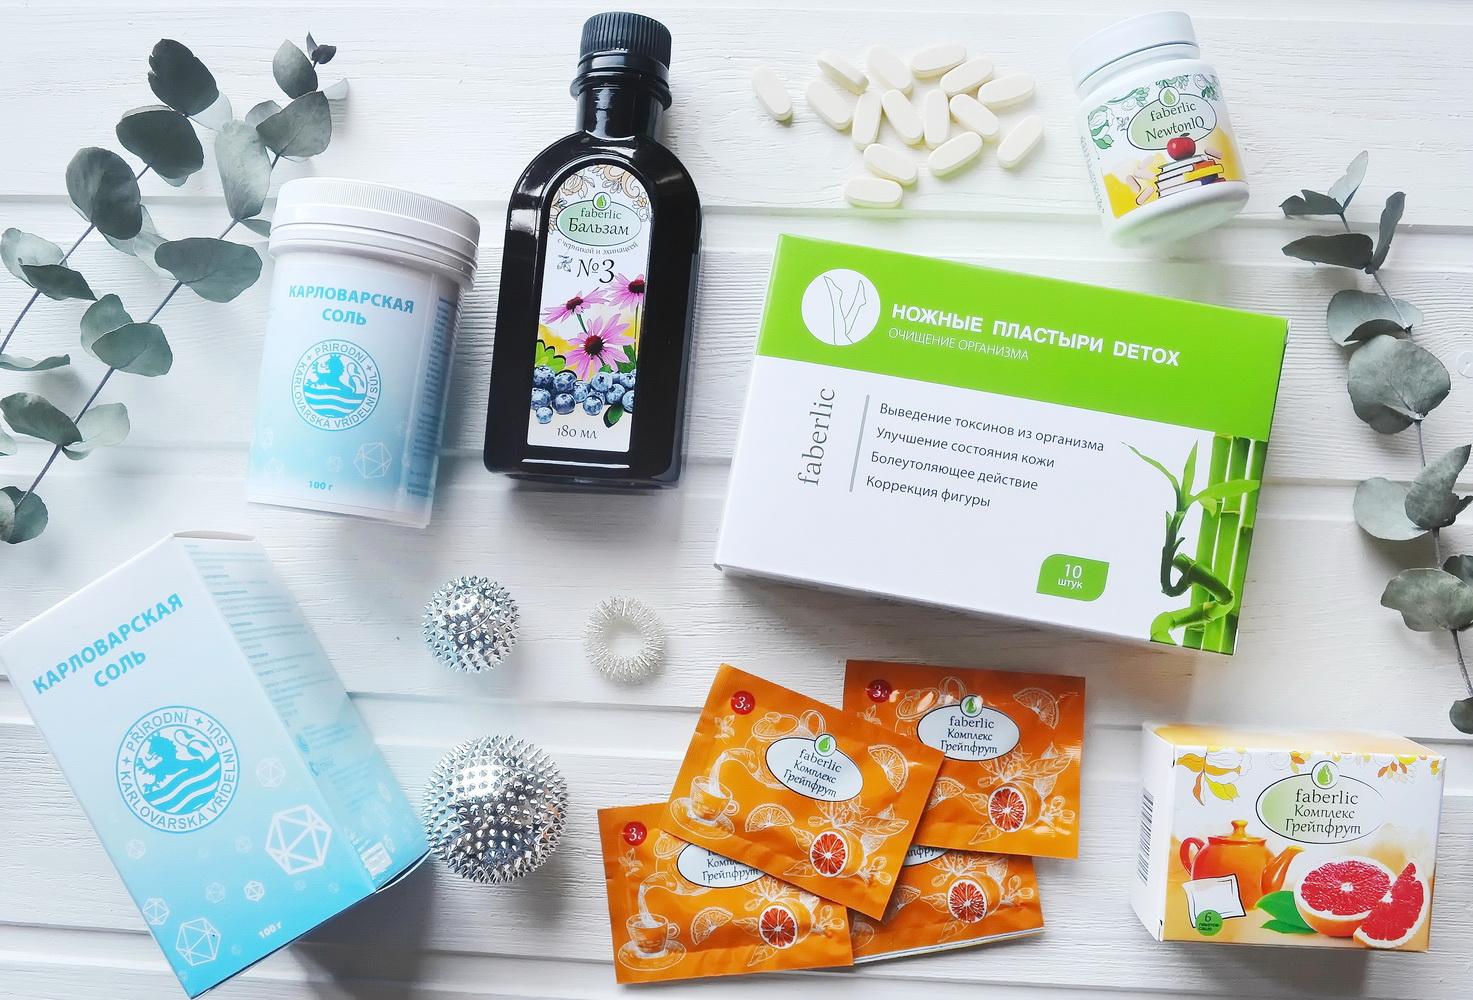 Продукция для здорового образа жизни от Faberlic